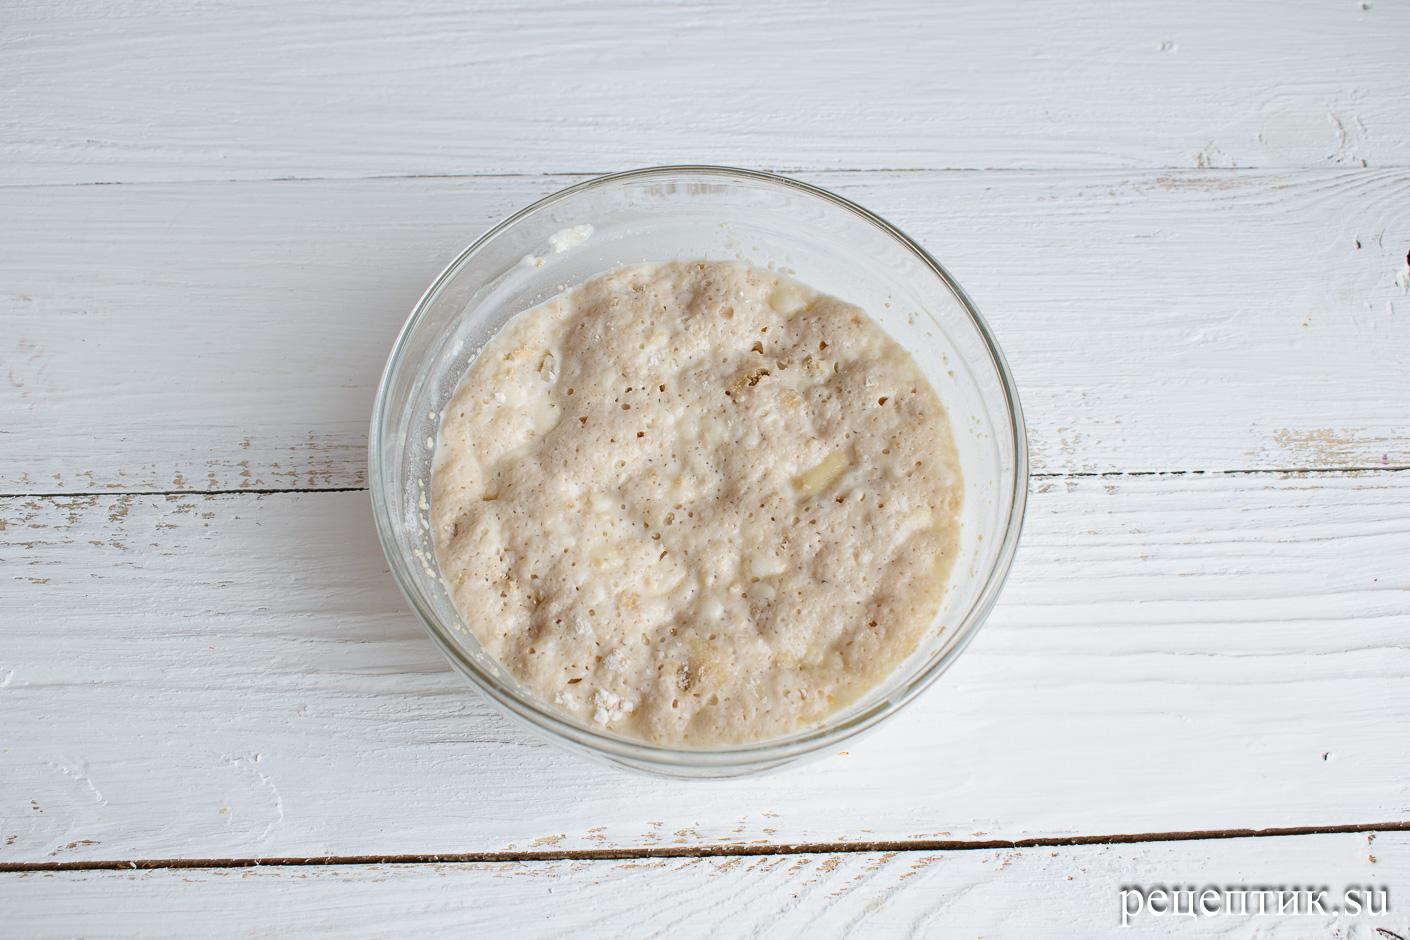 Пасхальный кулич-краффин – простой, быстрый и невероятно вкусный - рецепт с фото, шаг 5